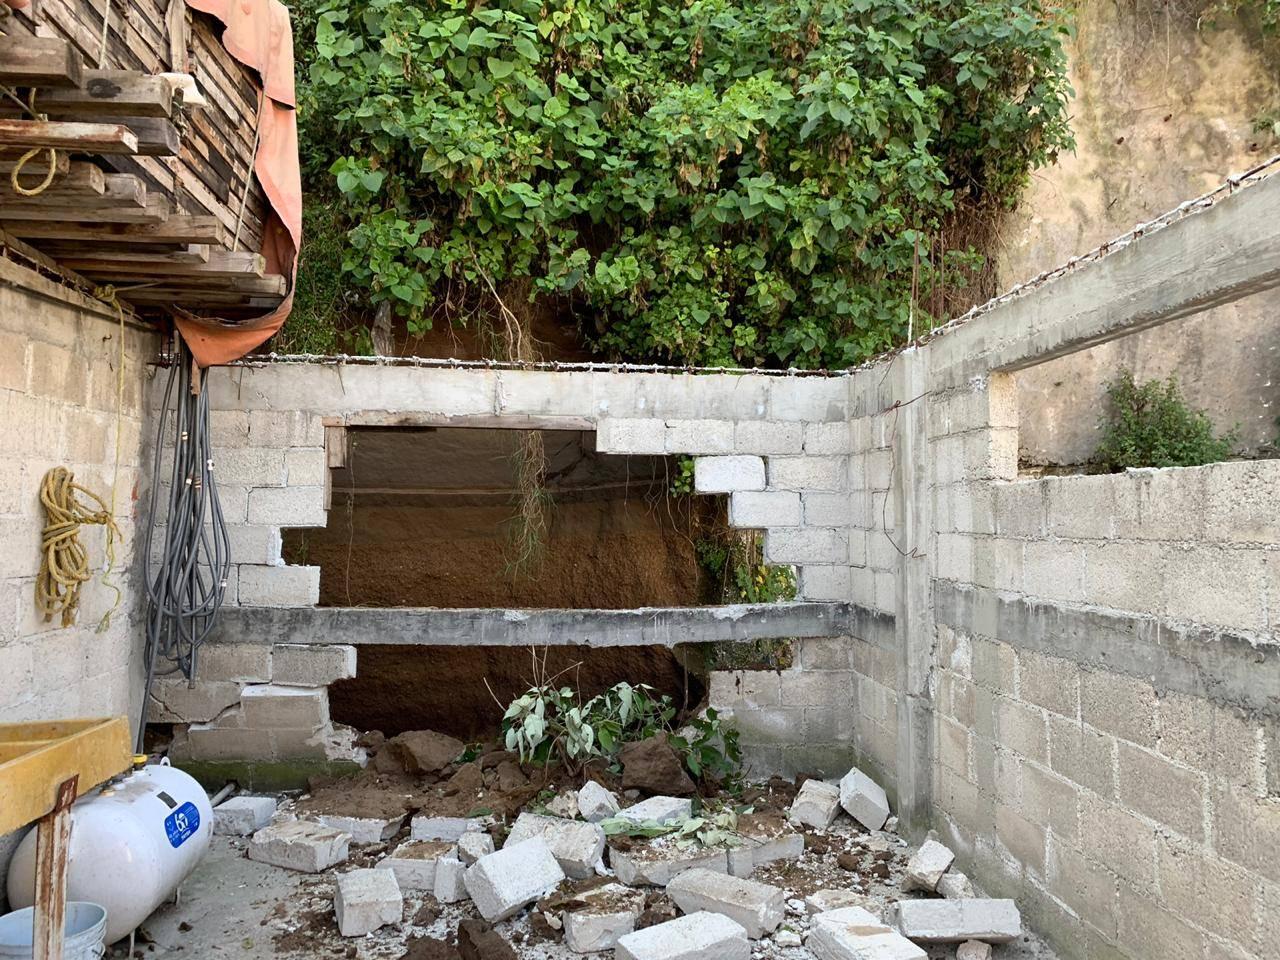 VIVIENDAS RESULTAN AFECTADAS TRAS DESLAVE EN LA ZONA DE SANTA FE